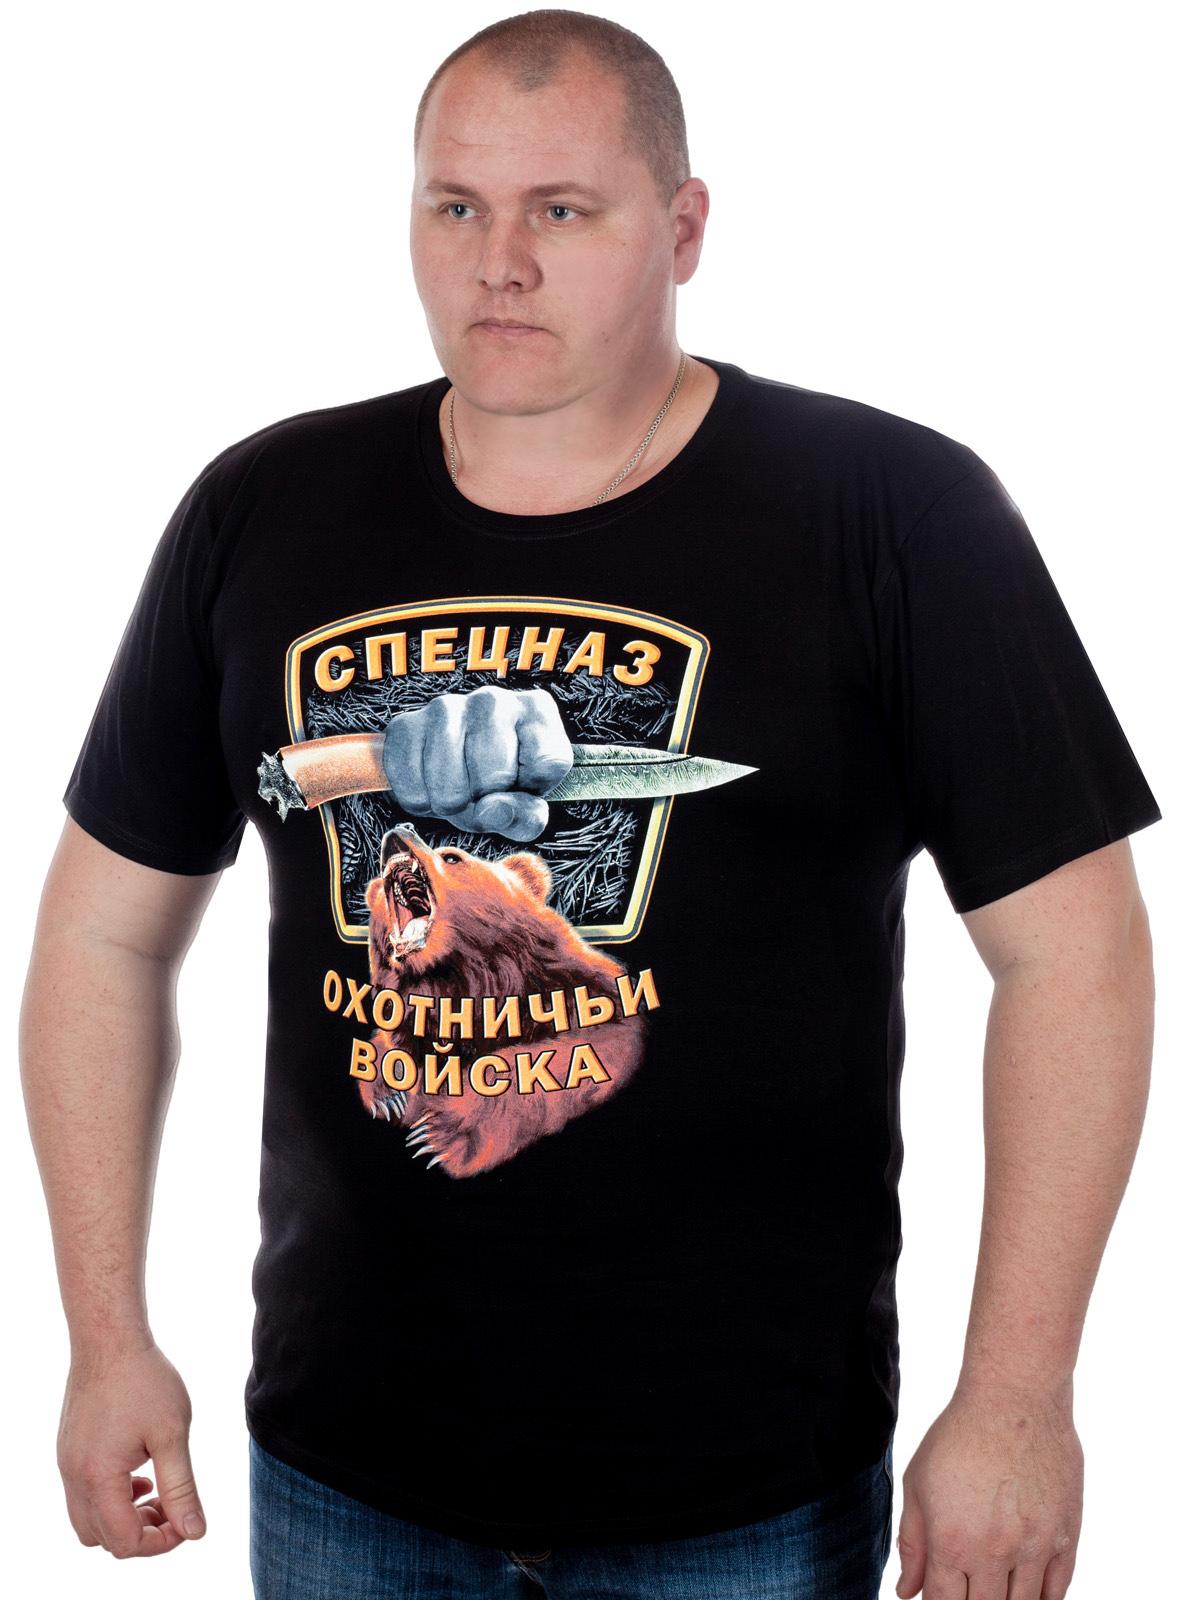 Купить в Москве прикольную футболку охотнику